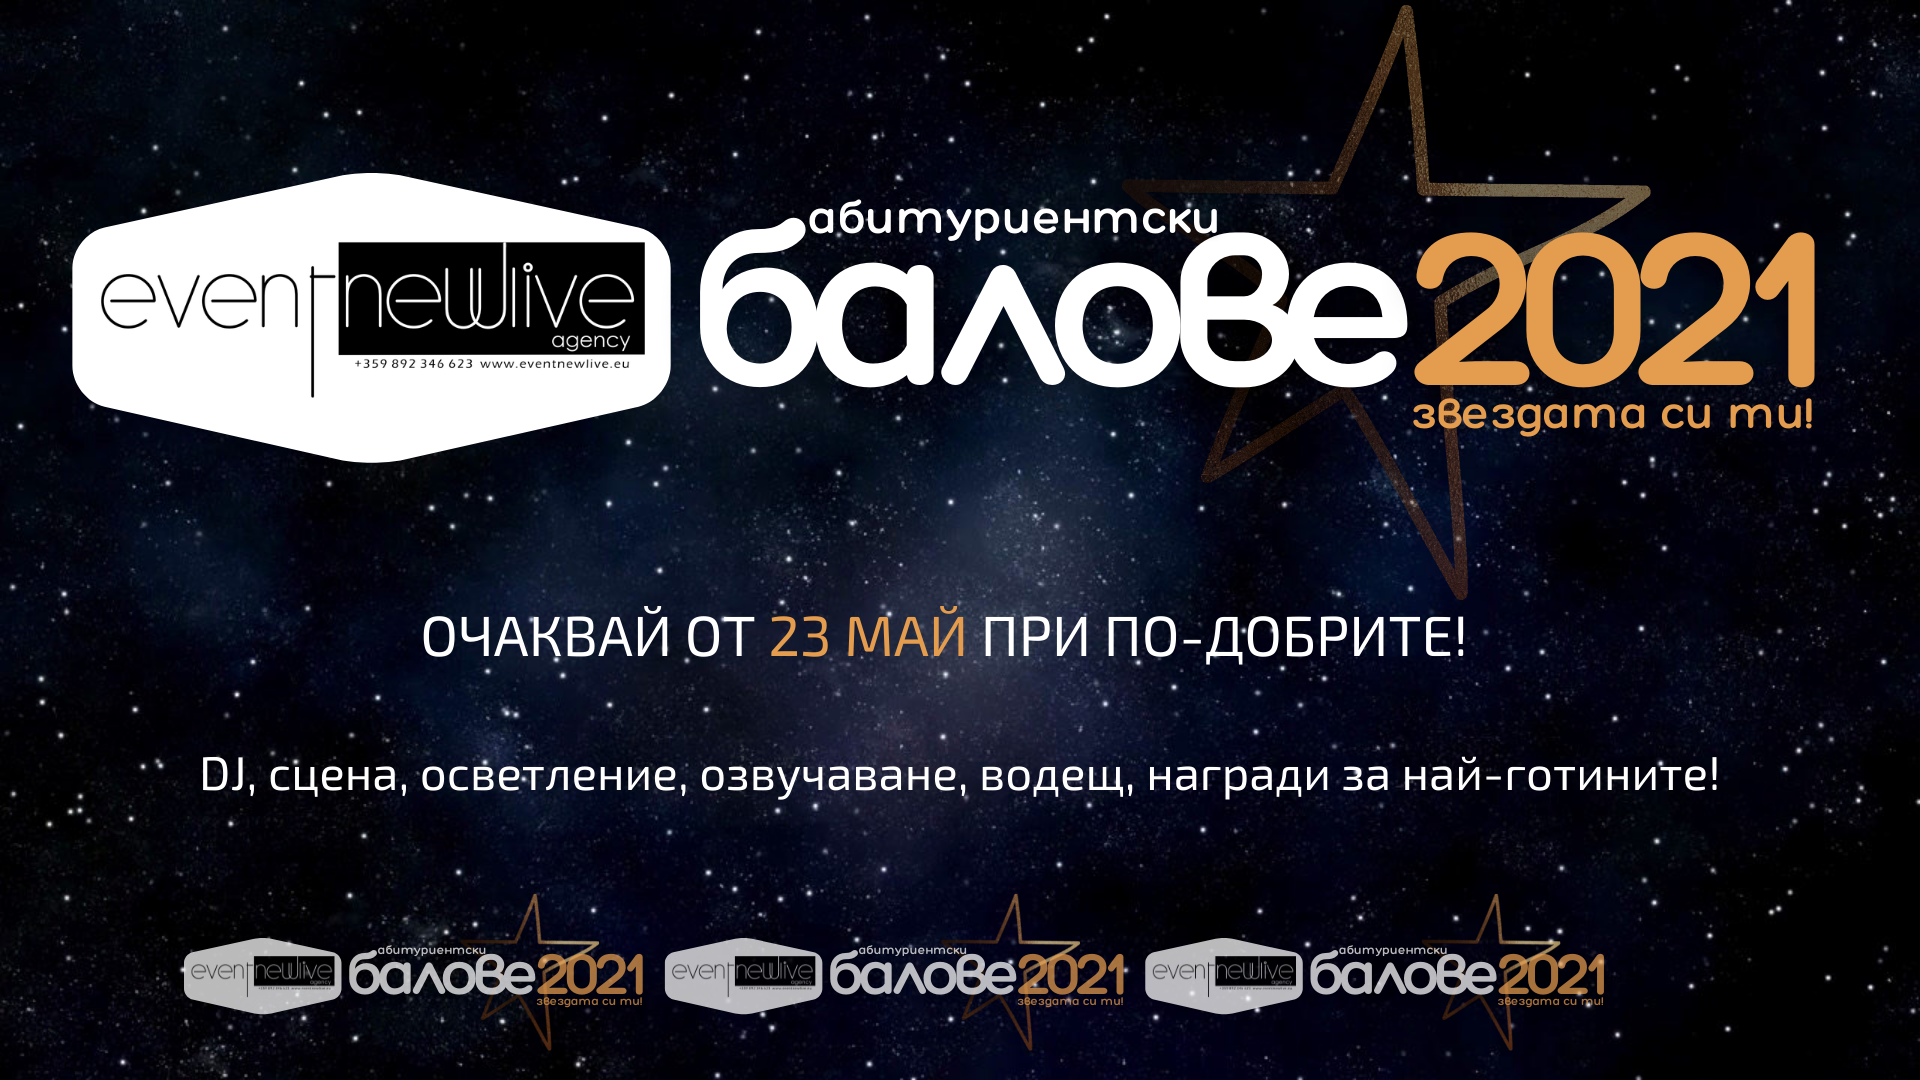 Балове 2021 – за най-добрите! – www.eventnewlive.eu